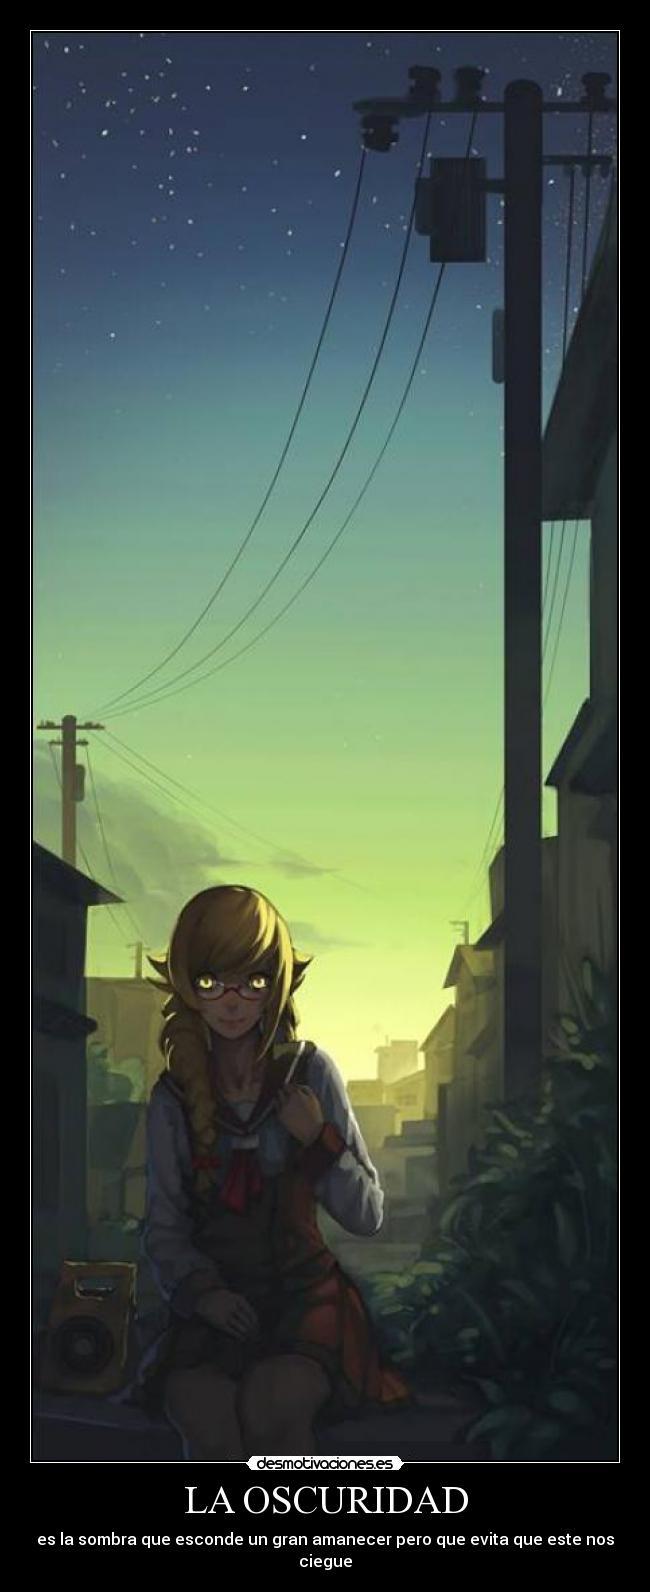 carteles oscuridad shinobu monogatari anime espero que entiendan que digo desmotivaciones